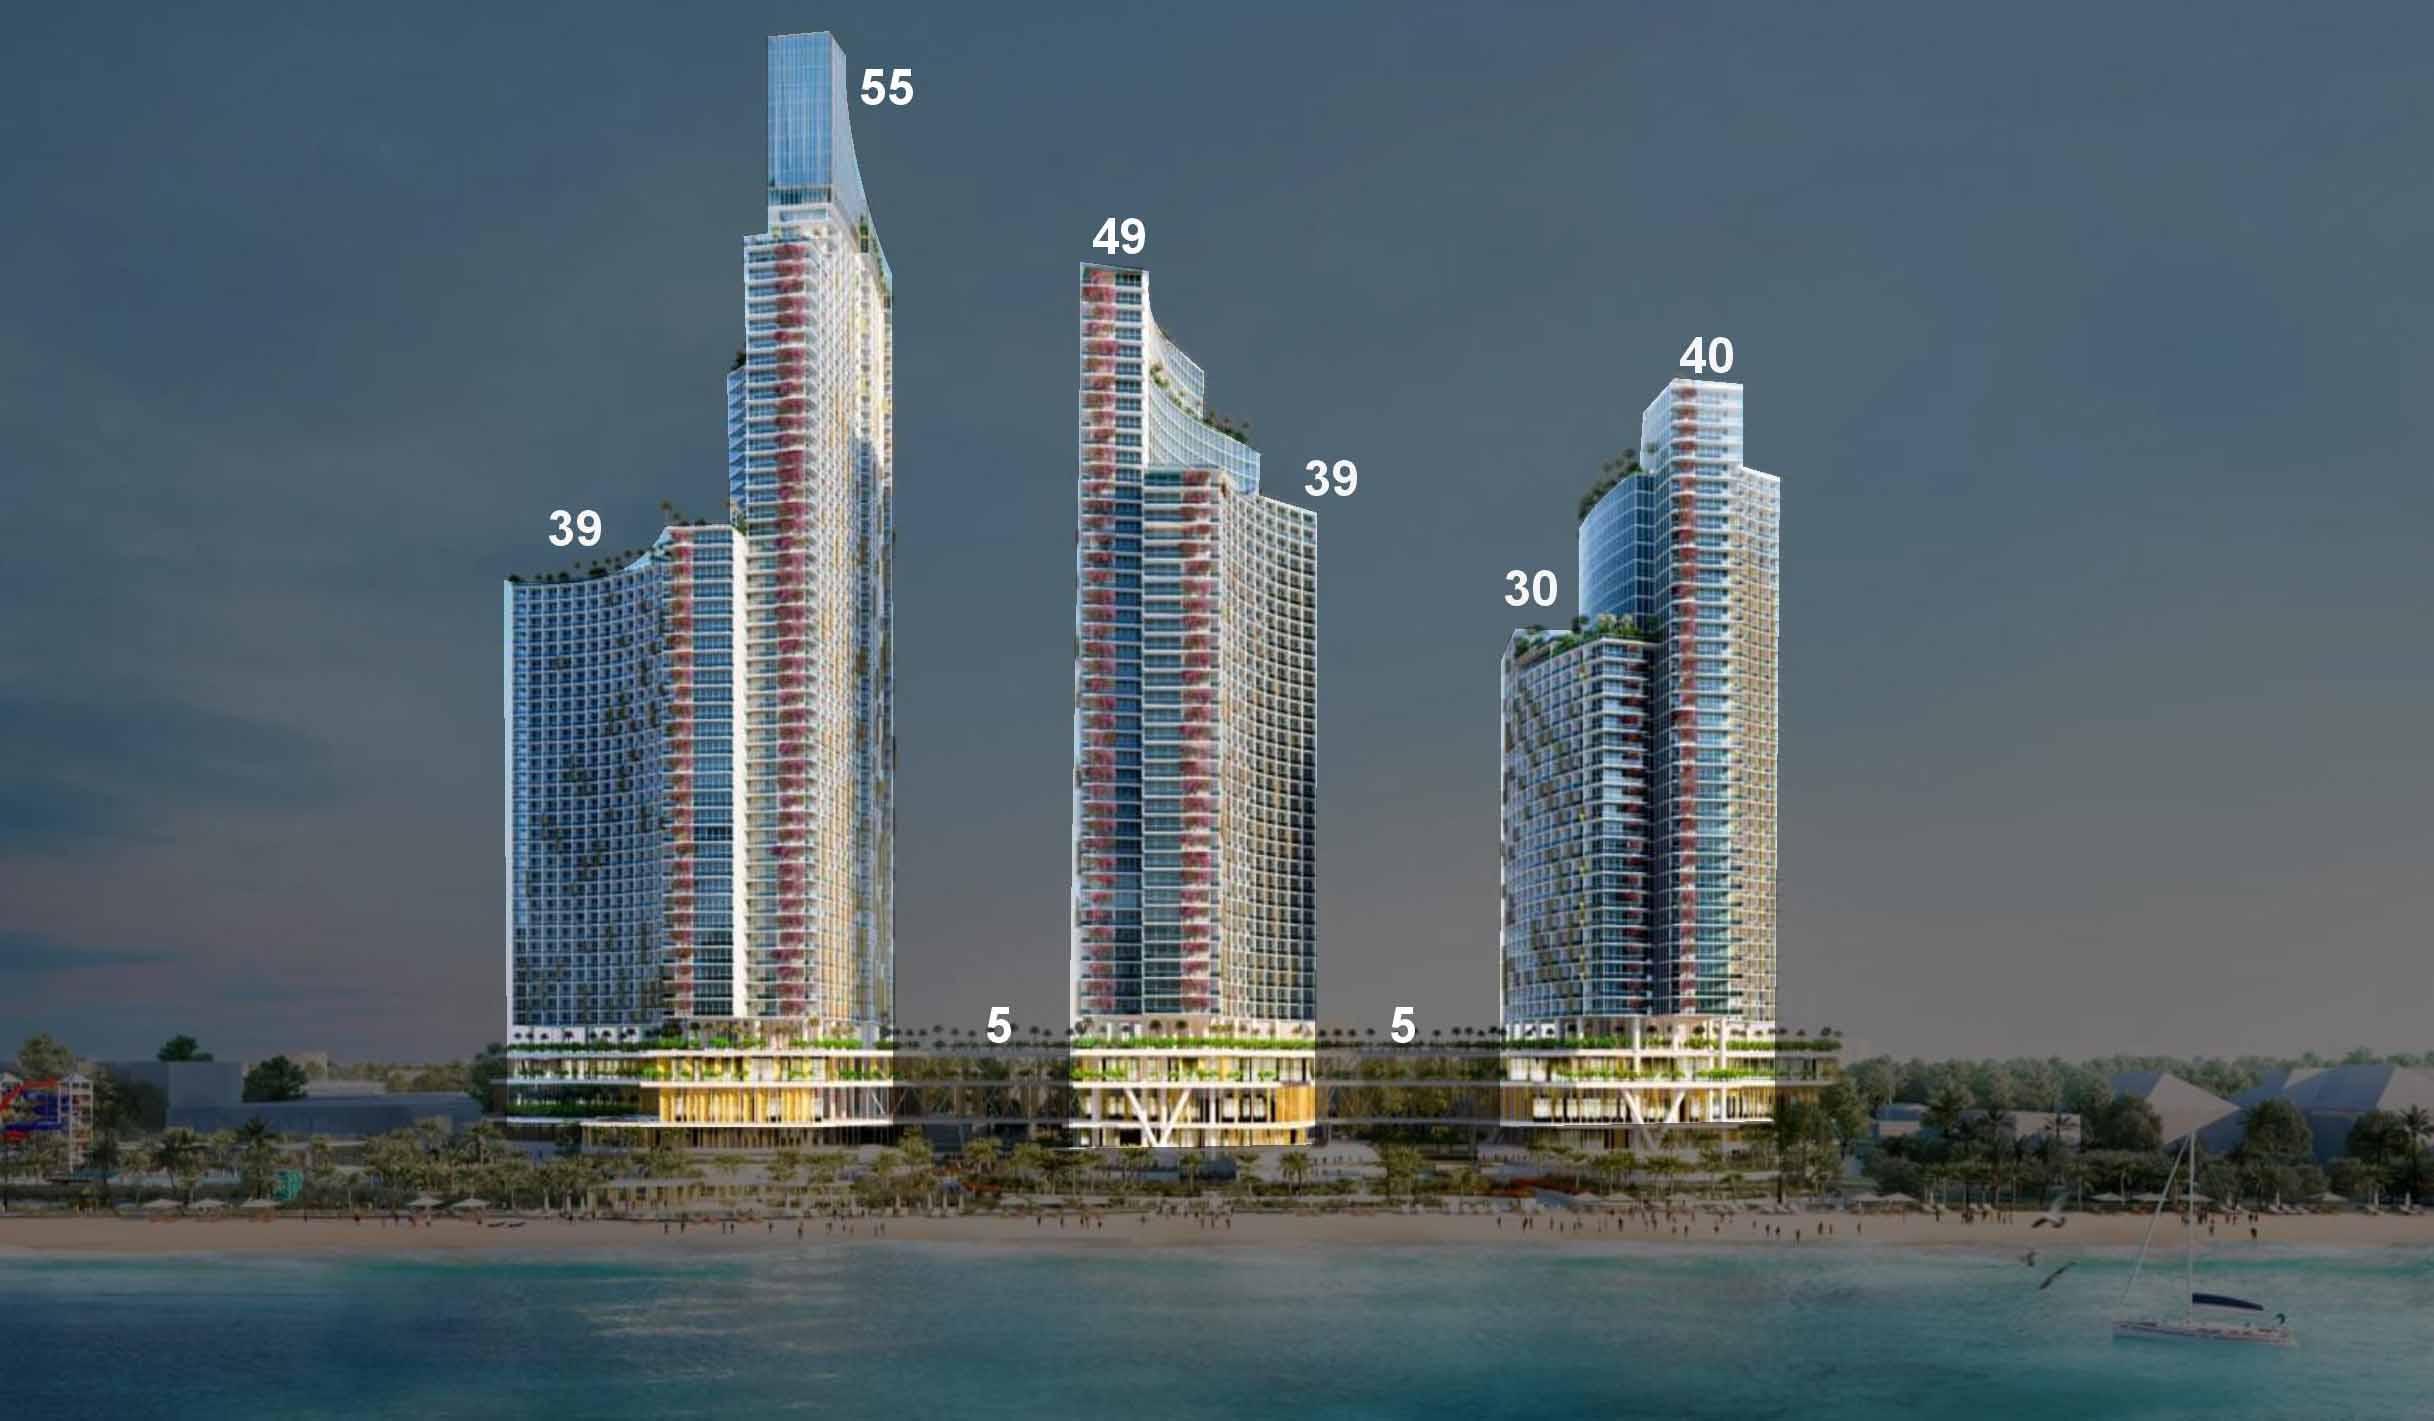 Mặt đứng chiều cao tầng dự án Sunbay Park Phan Rang Ninh Thuận